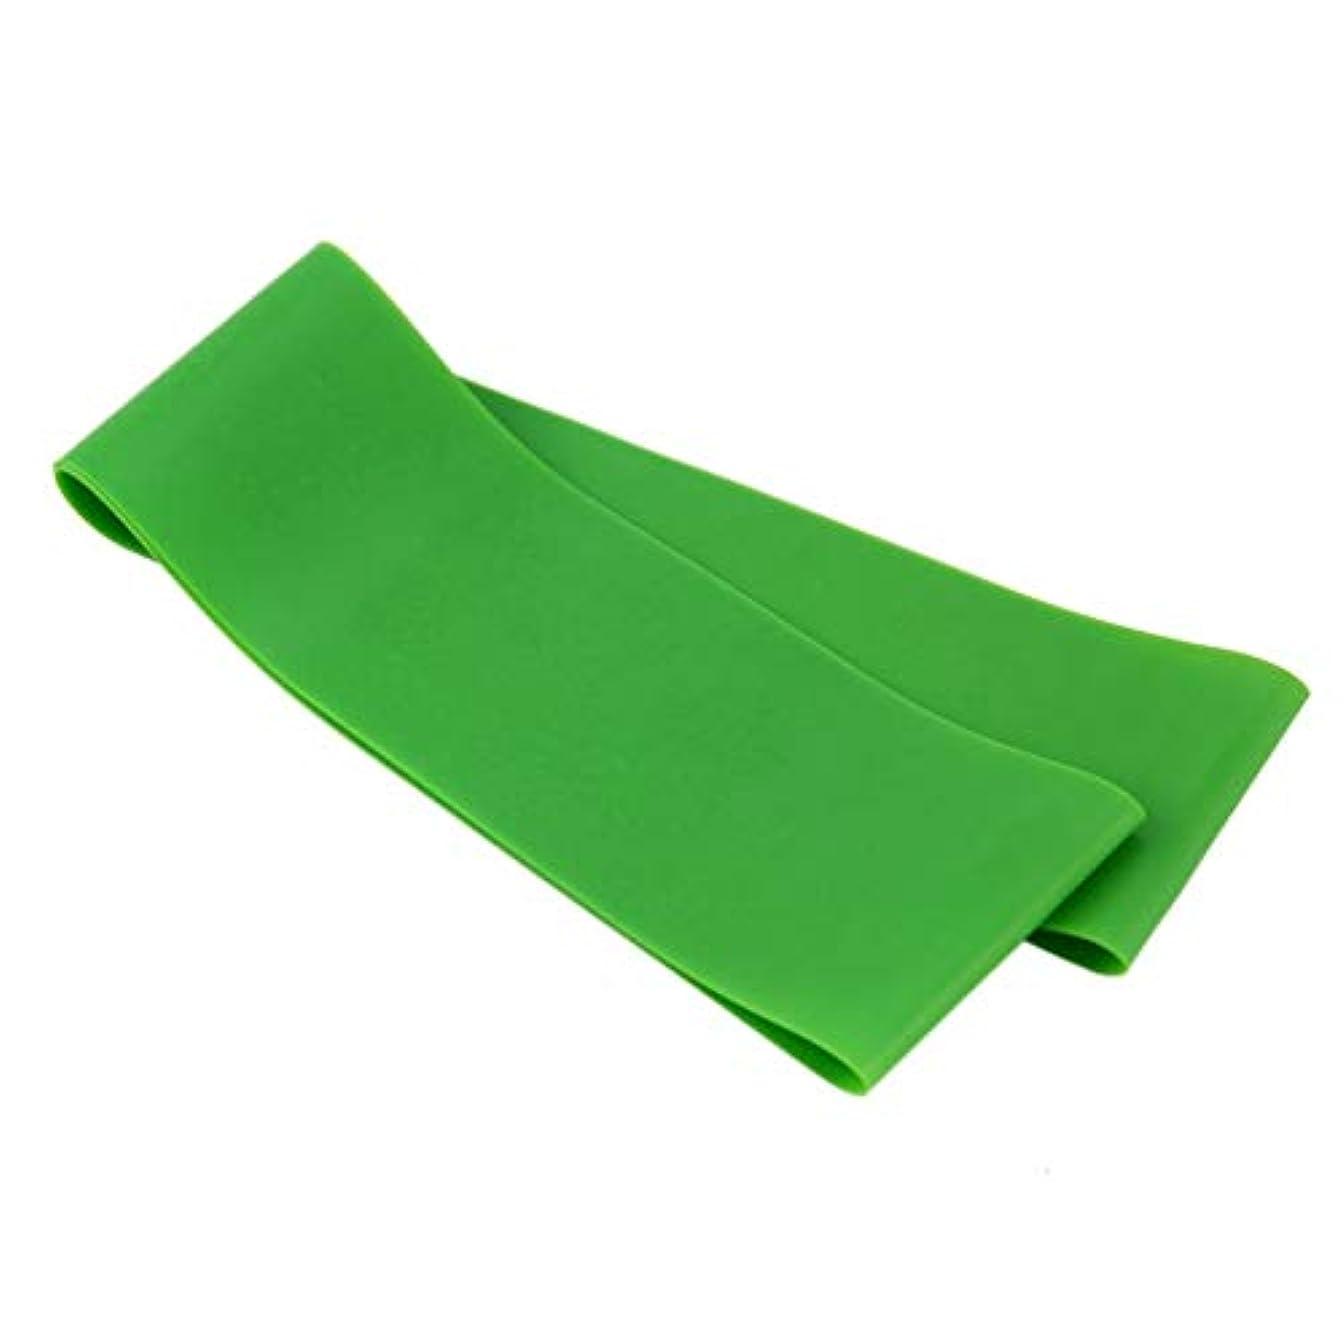 鼻ゴミ箱を空にする何でも滑り止め伸縮性ゴム弾性ヨガベルトバンドプルロープ張力抵抗バンドループ強度のためのフィットネスヨガツール - グリーン